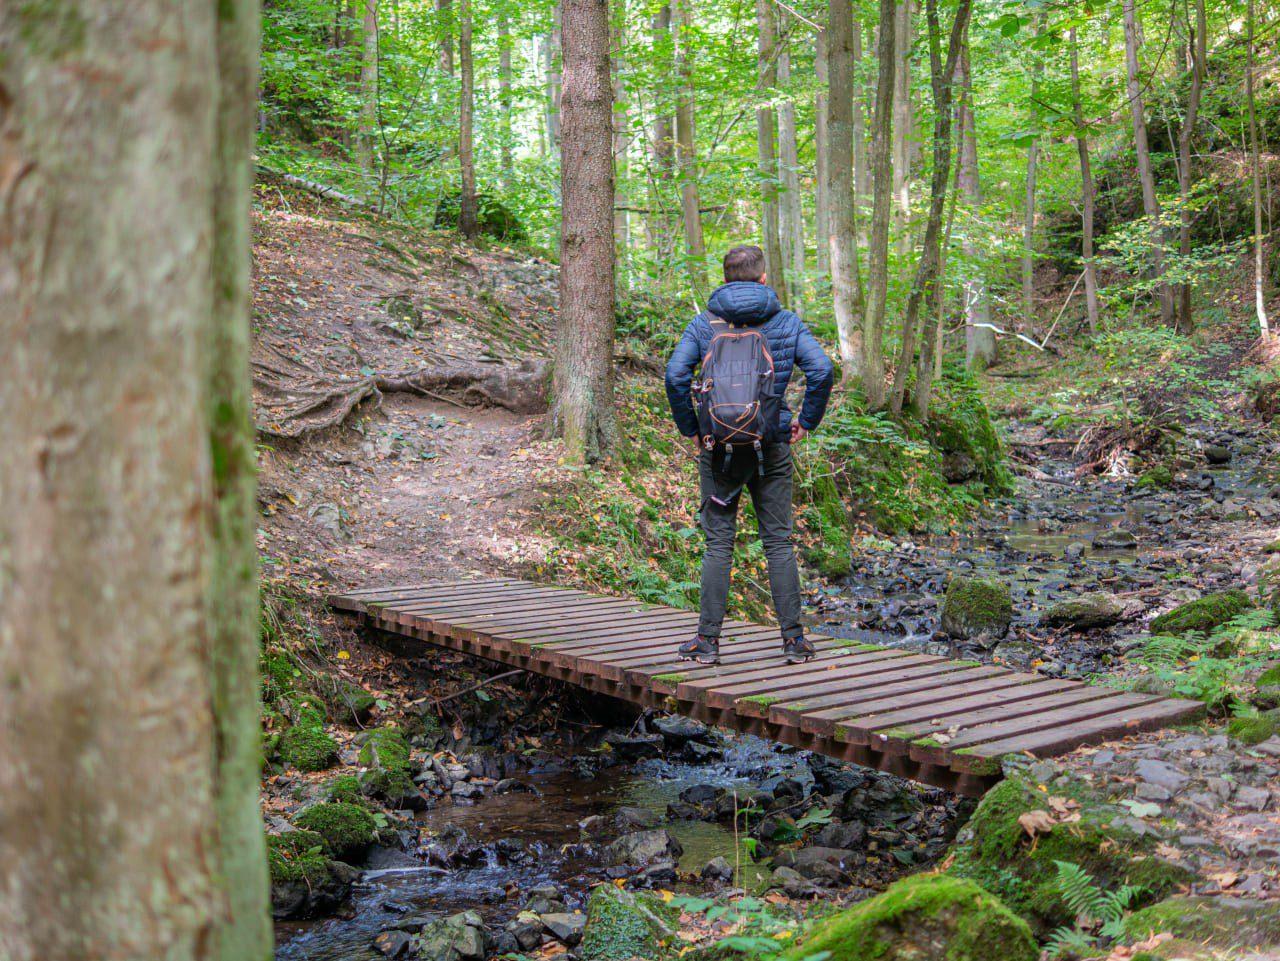 Rezerwat Przyrody Wąwóz Myśliborski w Parku Krajobrazowym Chełmy na Dolnym Śląsku Myślibórz Relaks Blisko Przyrody Miejsca Na Jesienny i Wiosenny Spacer